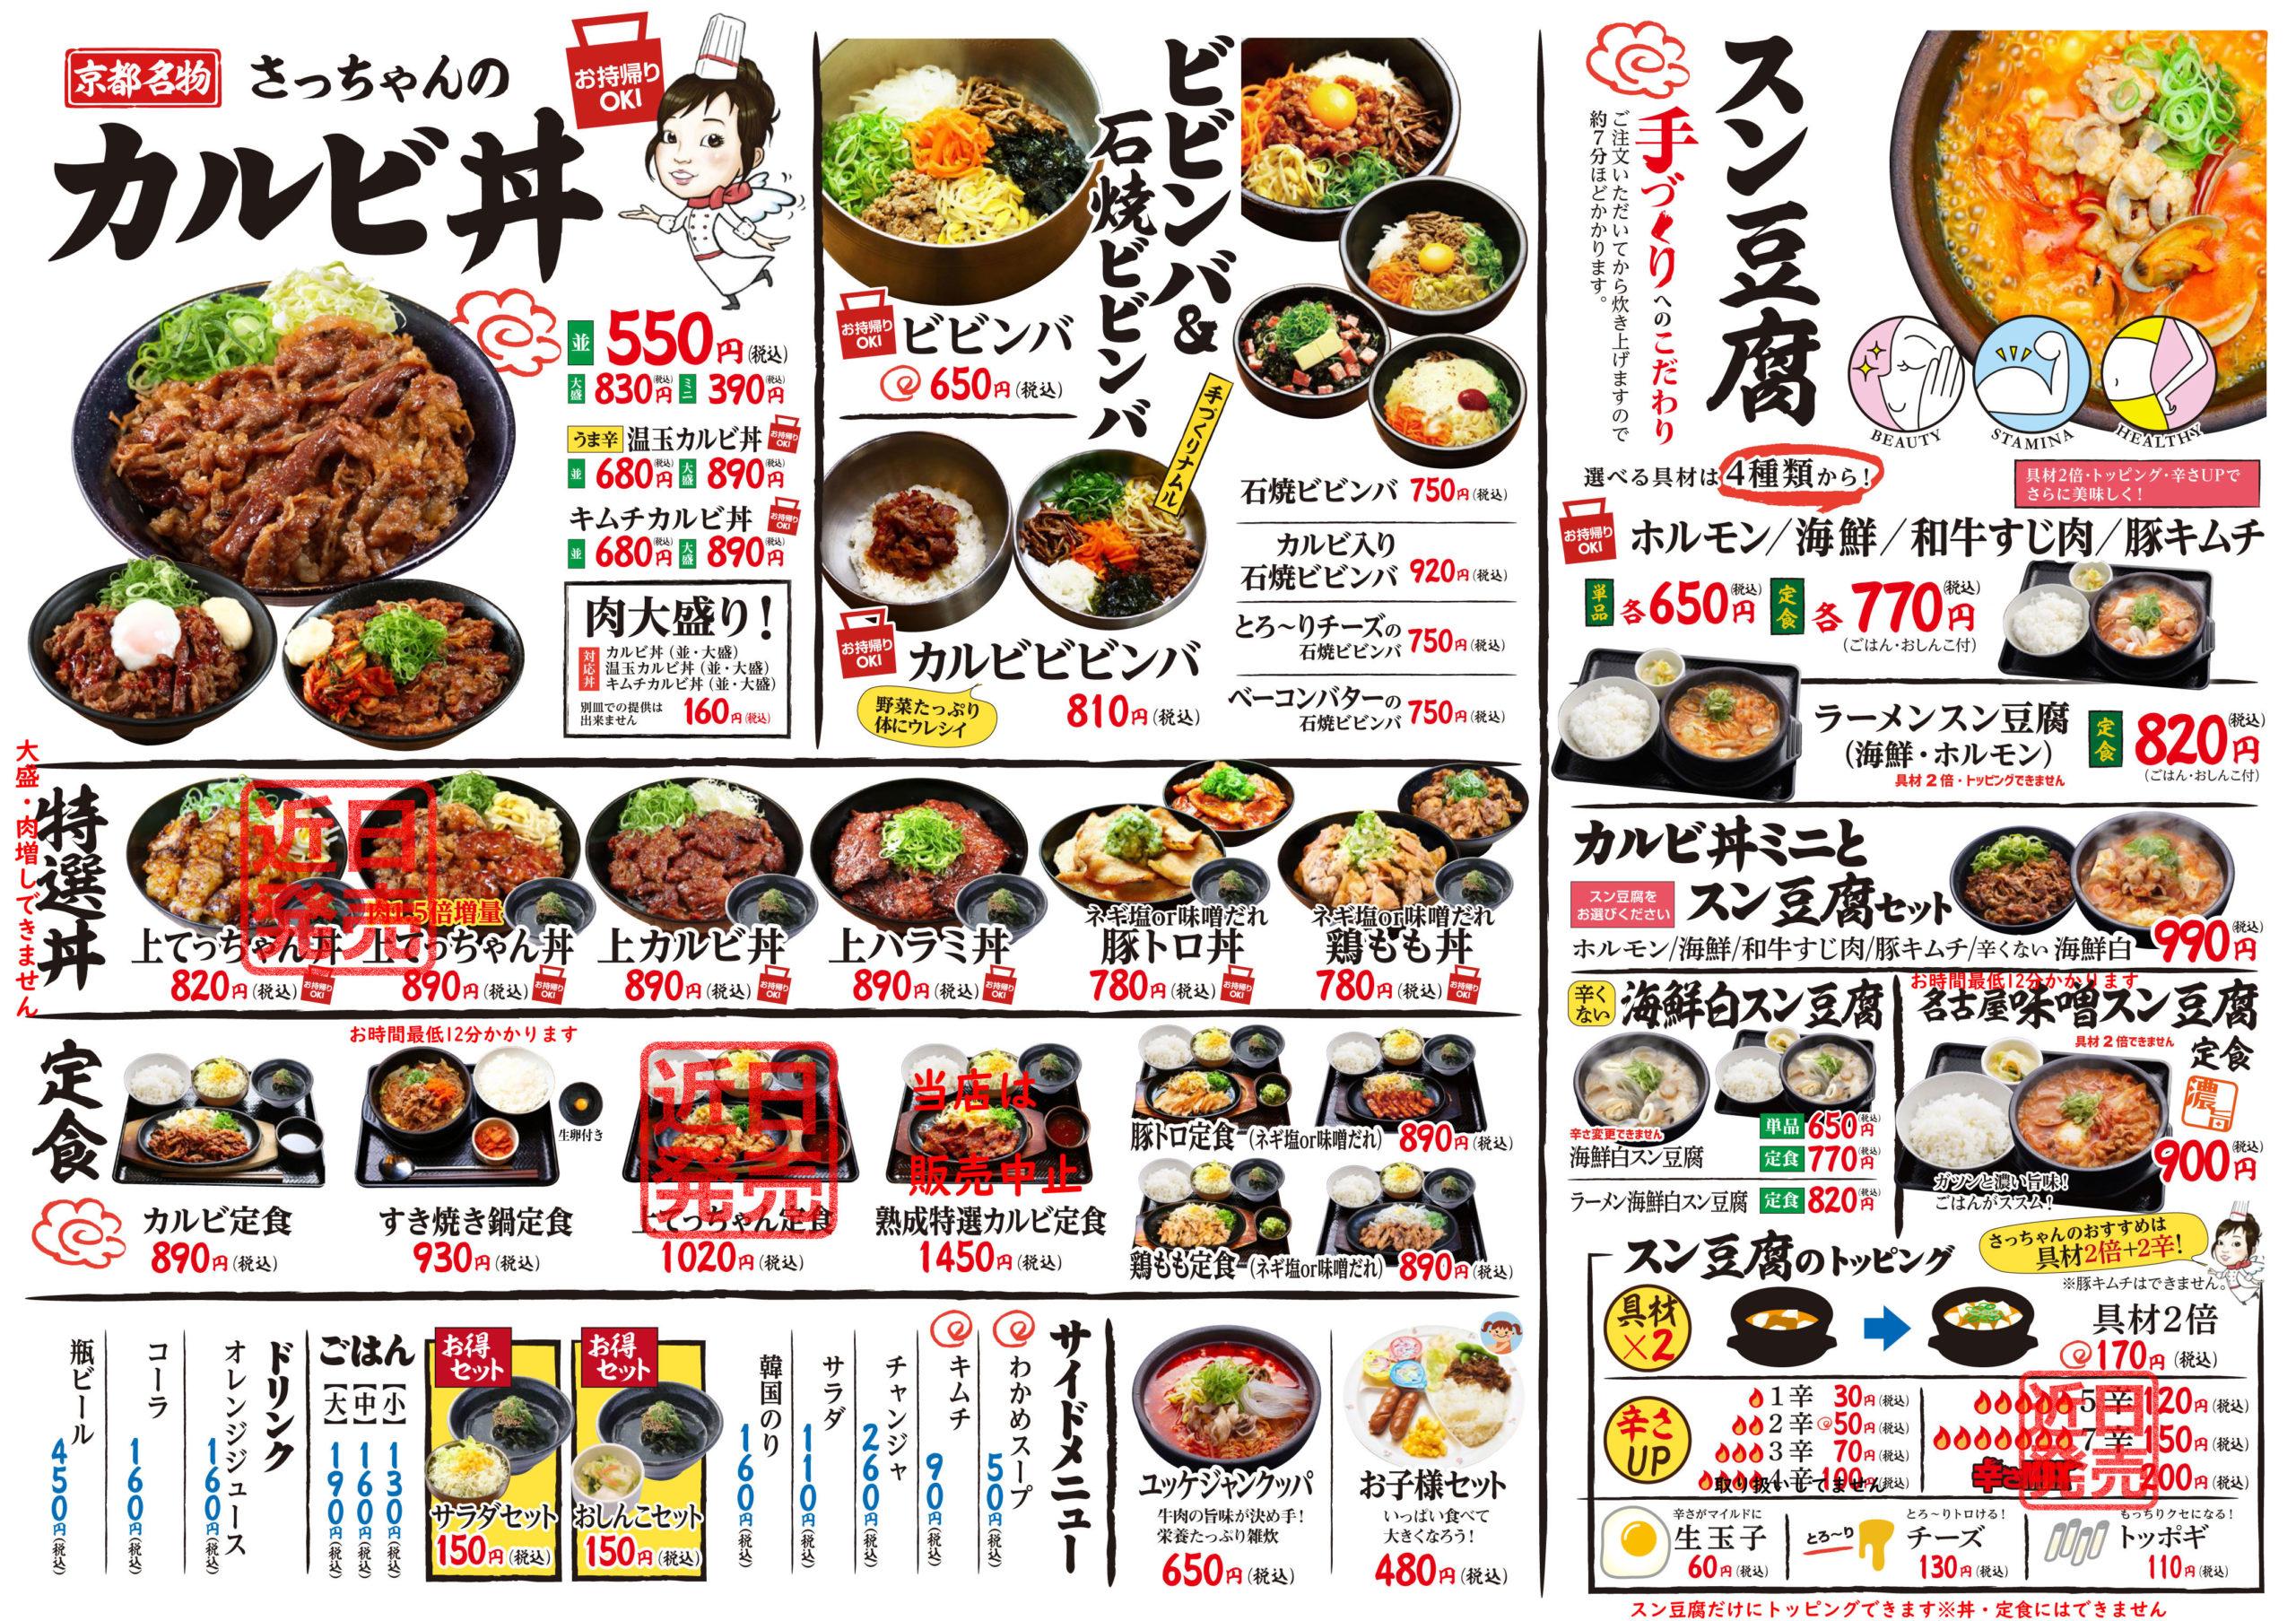 韓丼水戸千波店 塩豚トロ/鶏もも・味噌豚トロ/鶏もも スタート